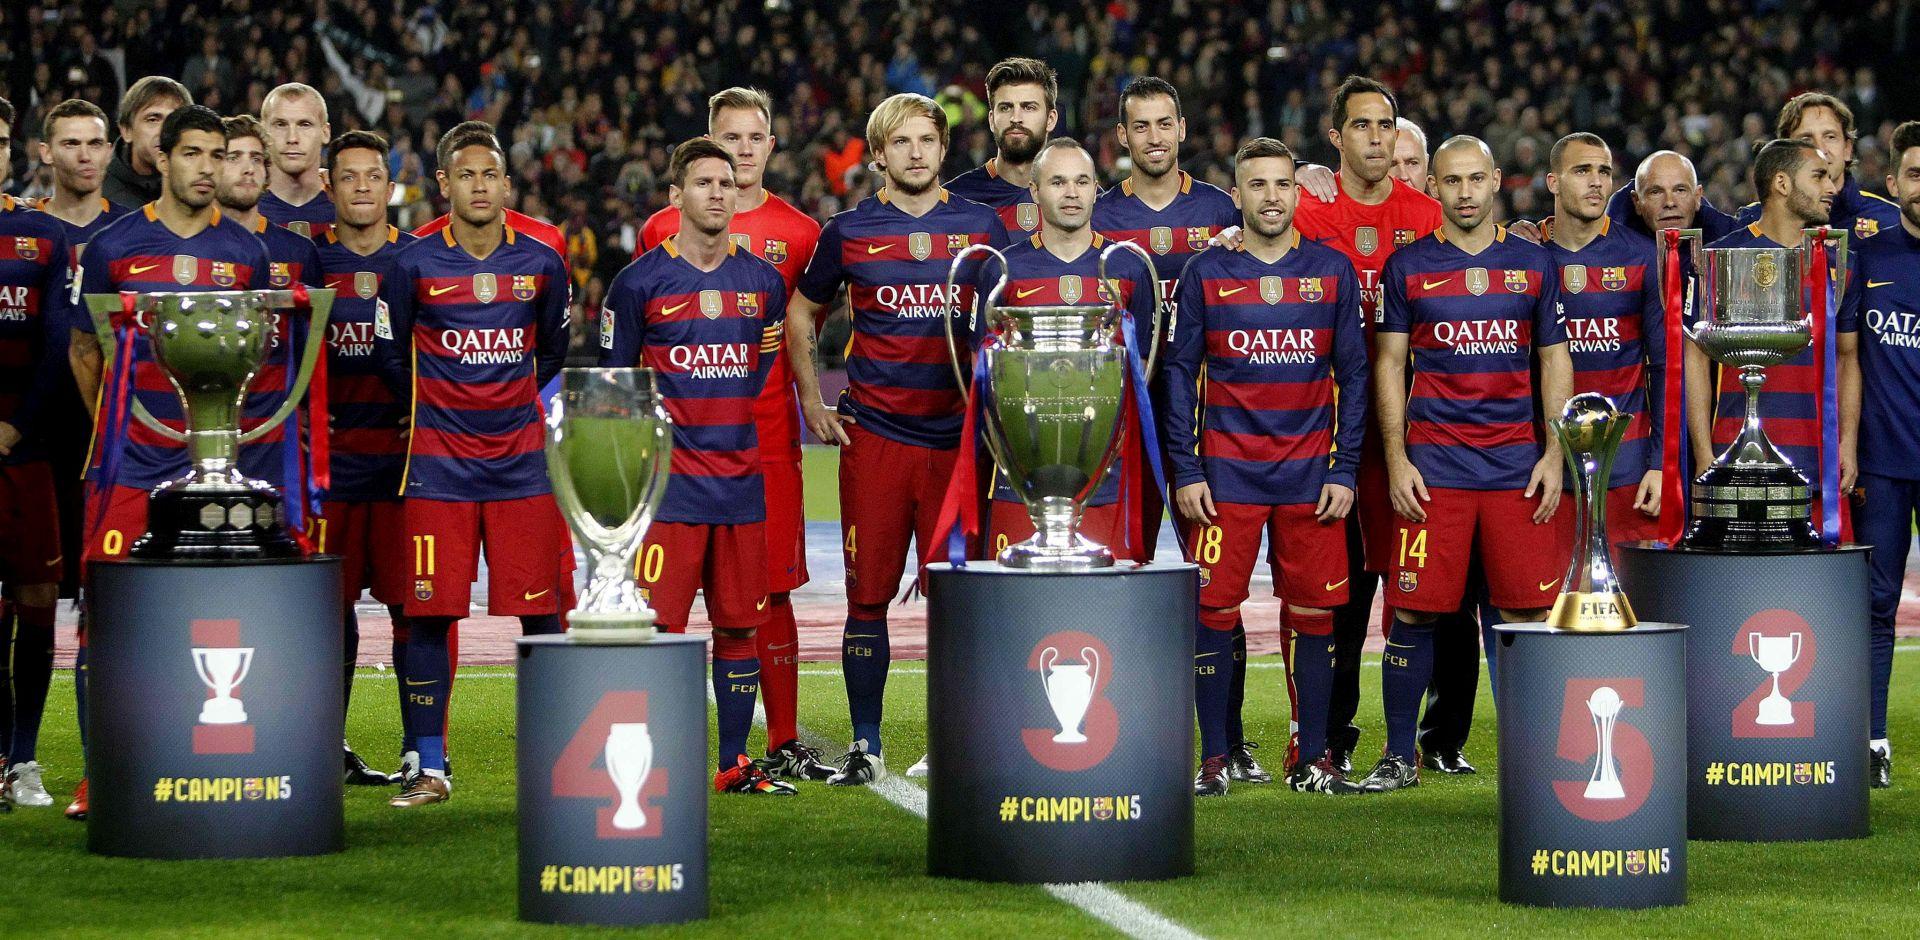 PRIMRA Pobjeda Barcelone, pogodak Messija u 500. nastupu, poraz Gijona, slavio i Atletico